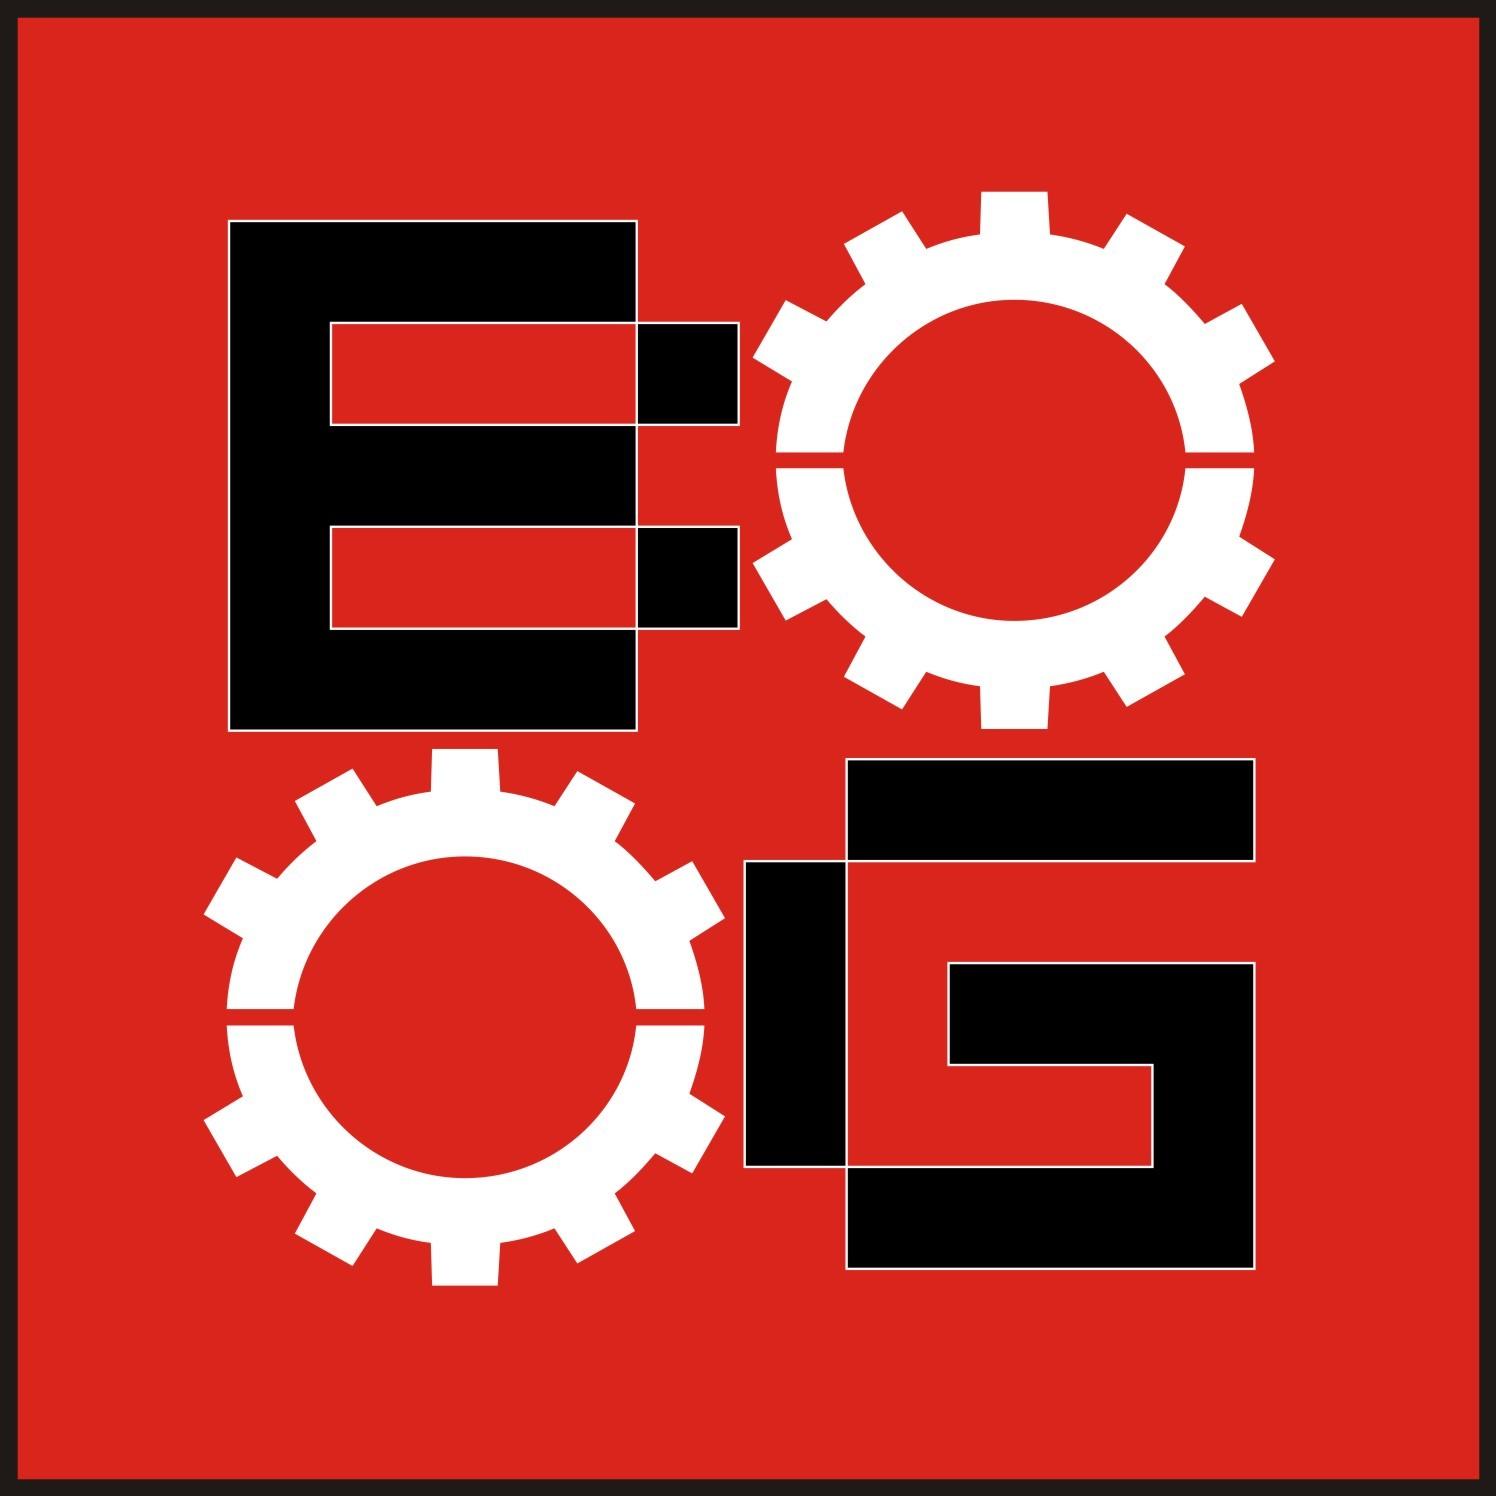 【博高兒童創意中心】桂林市博高機器人科技有限公司招聘:公司標志 logo